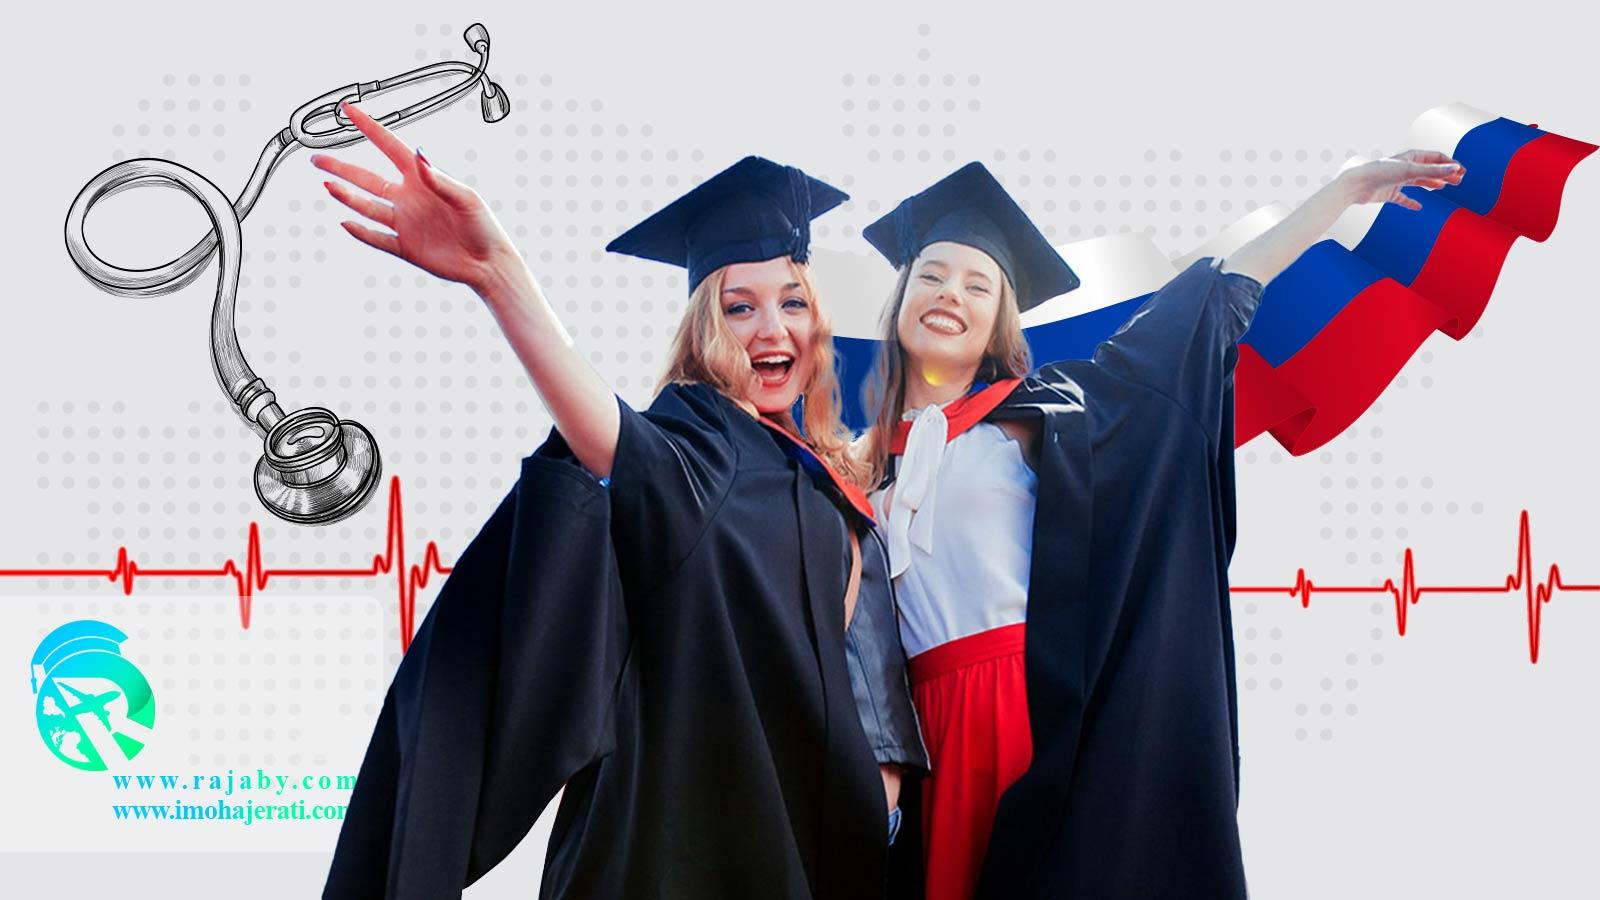 تحصیل رشته های علوم پزشکی در روسیه